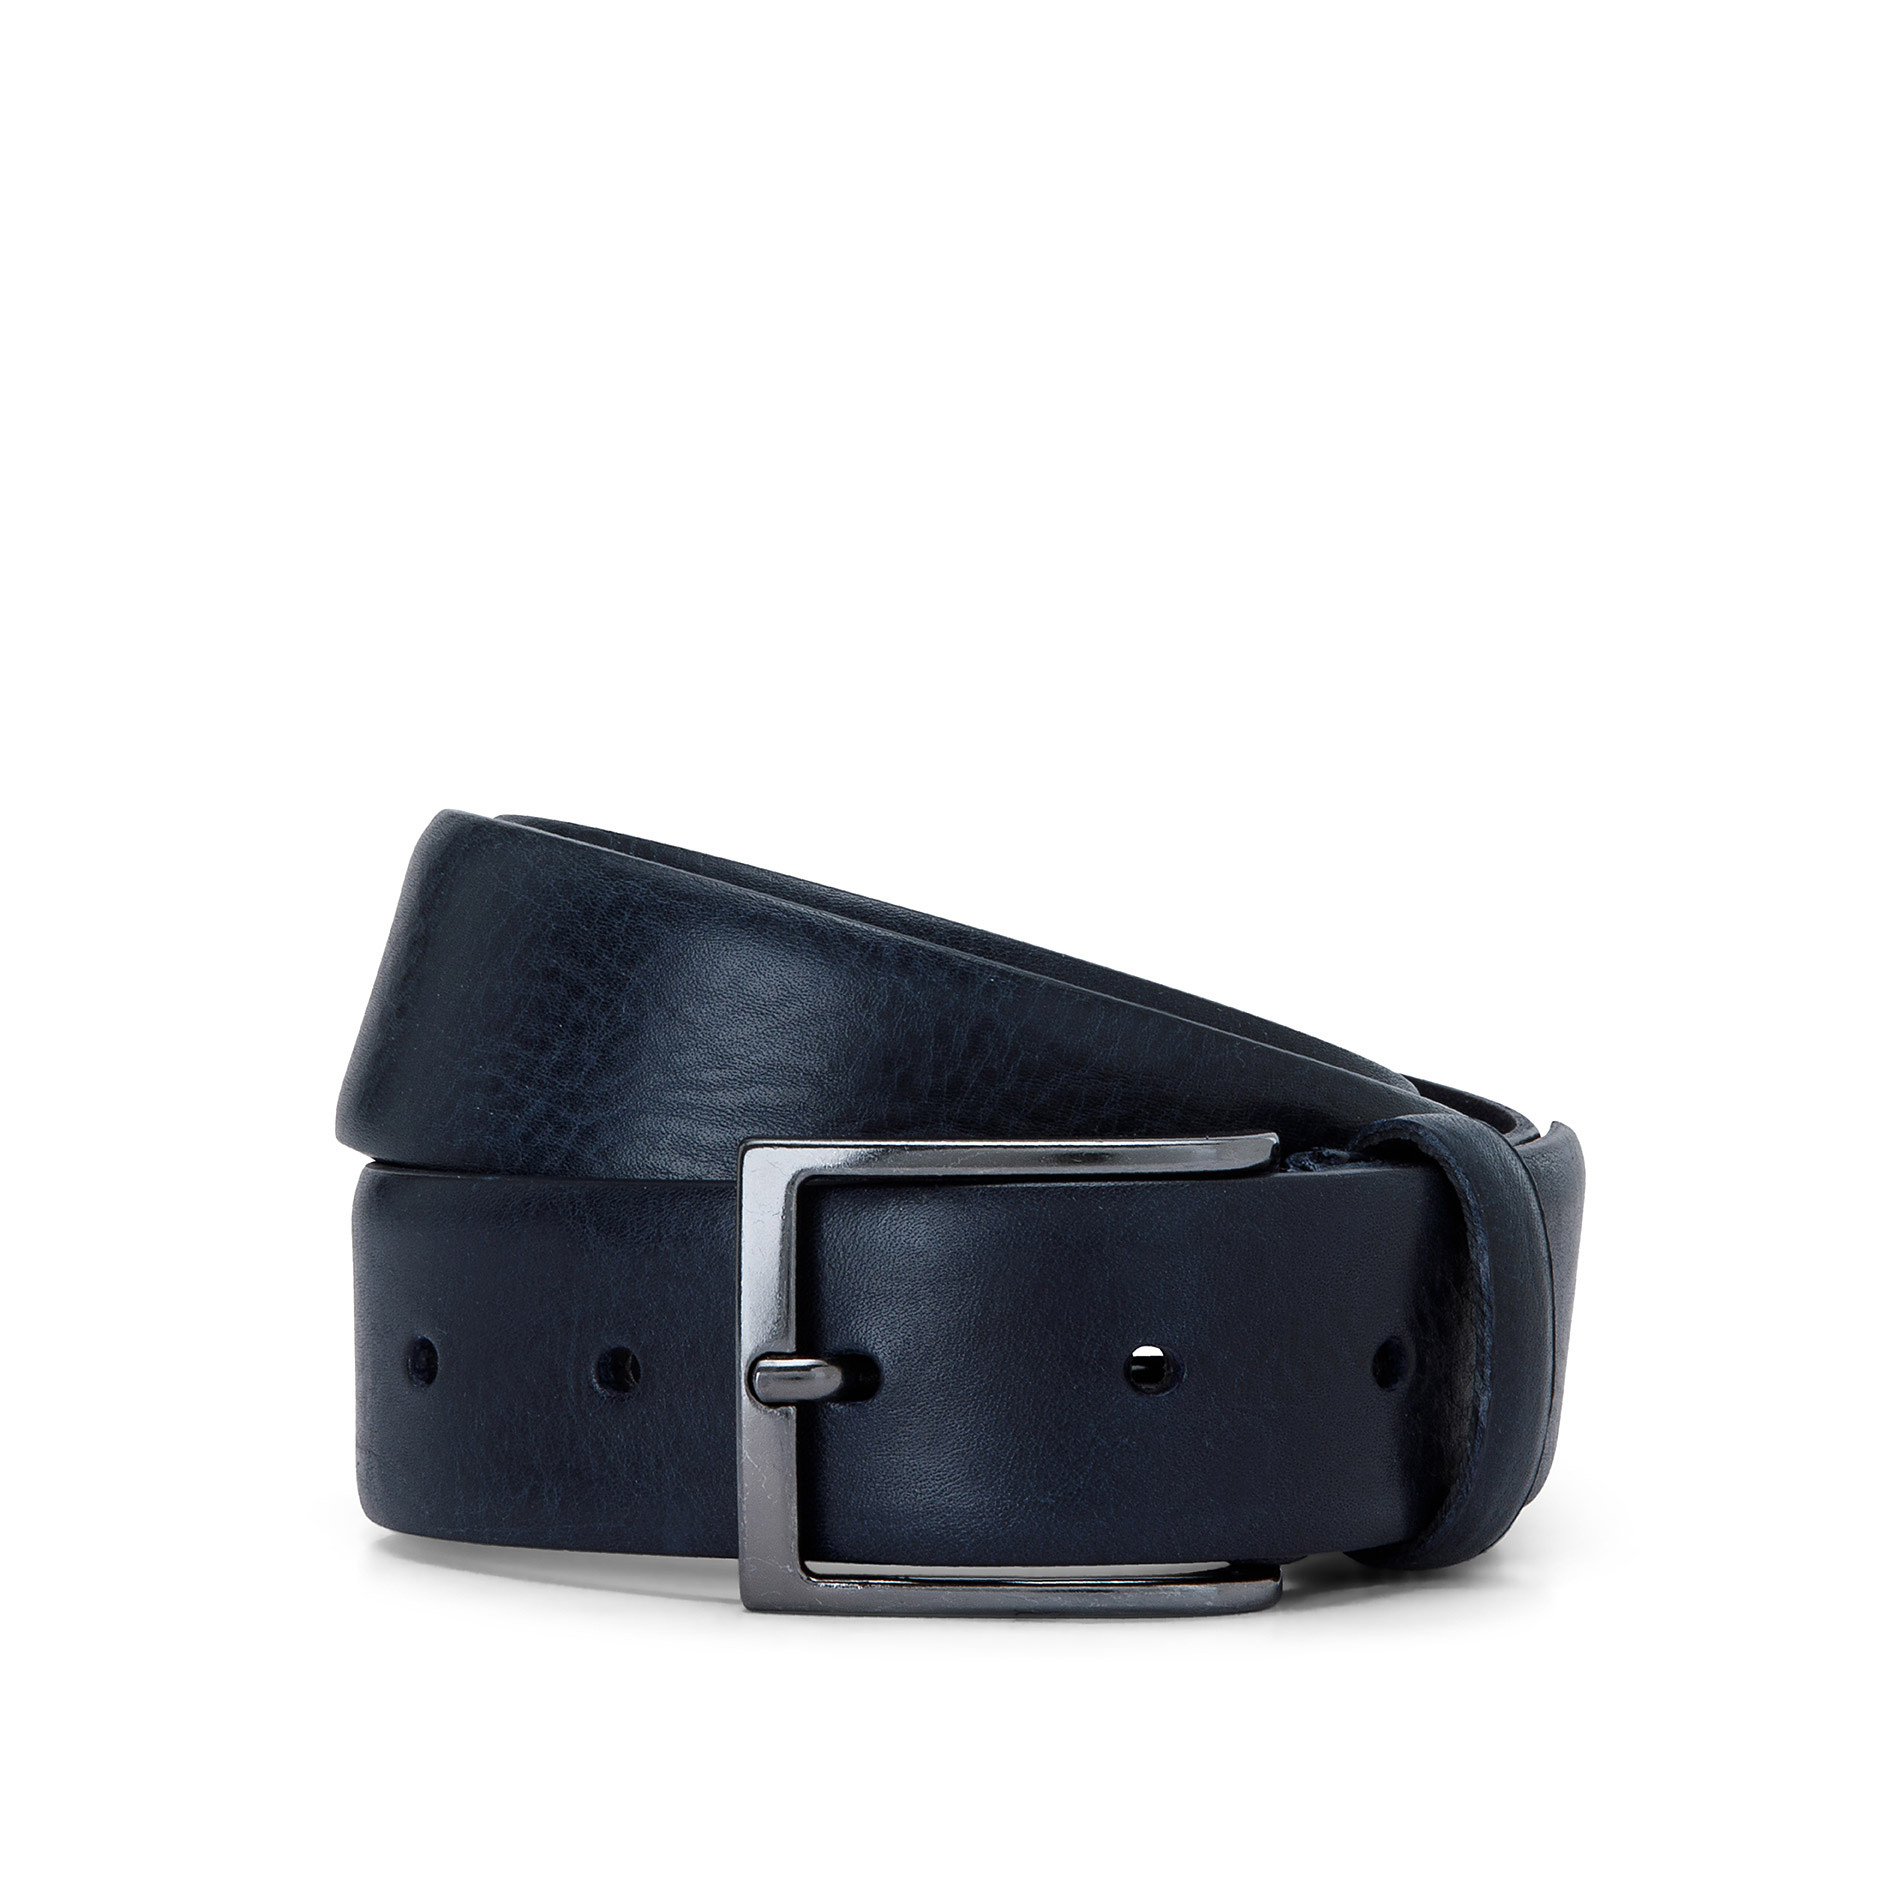 Cintura vera pelle Luca D'Altieri, Blu scuro, large image number 1